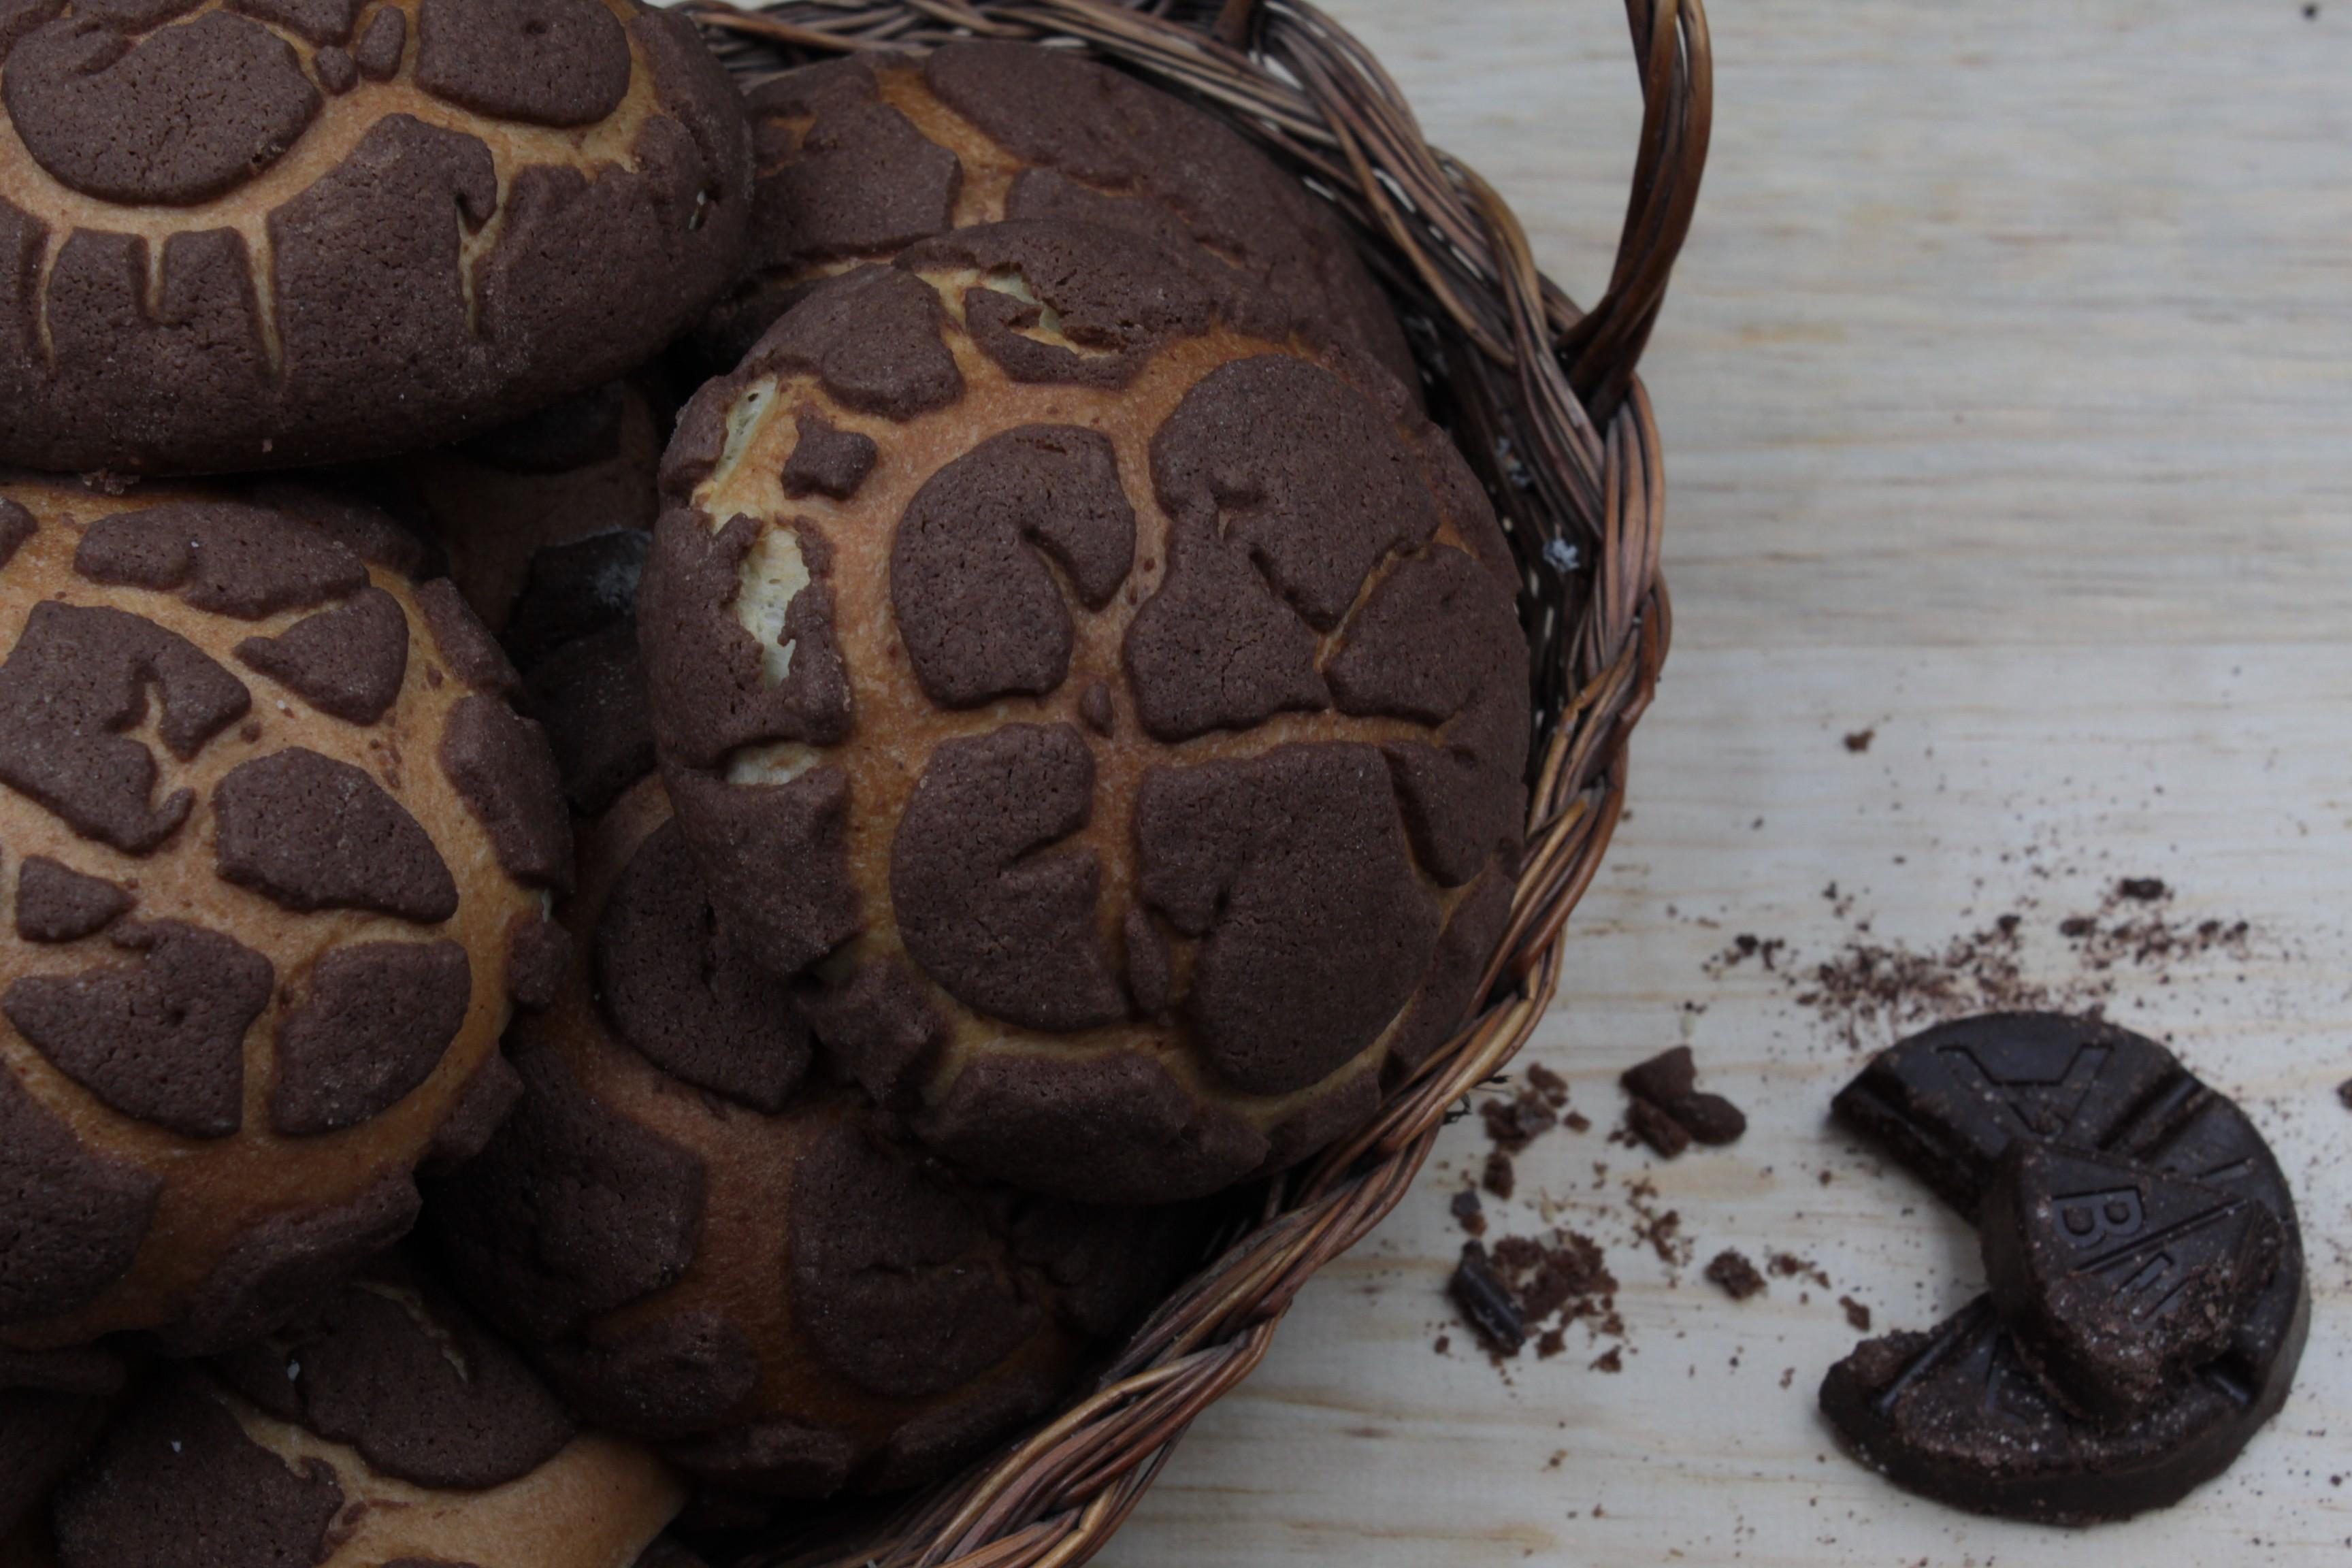 Conchas veganas de chocolate abuelita (paquete con 2 piezas)